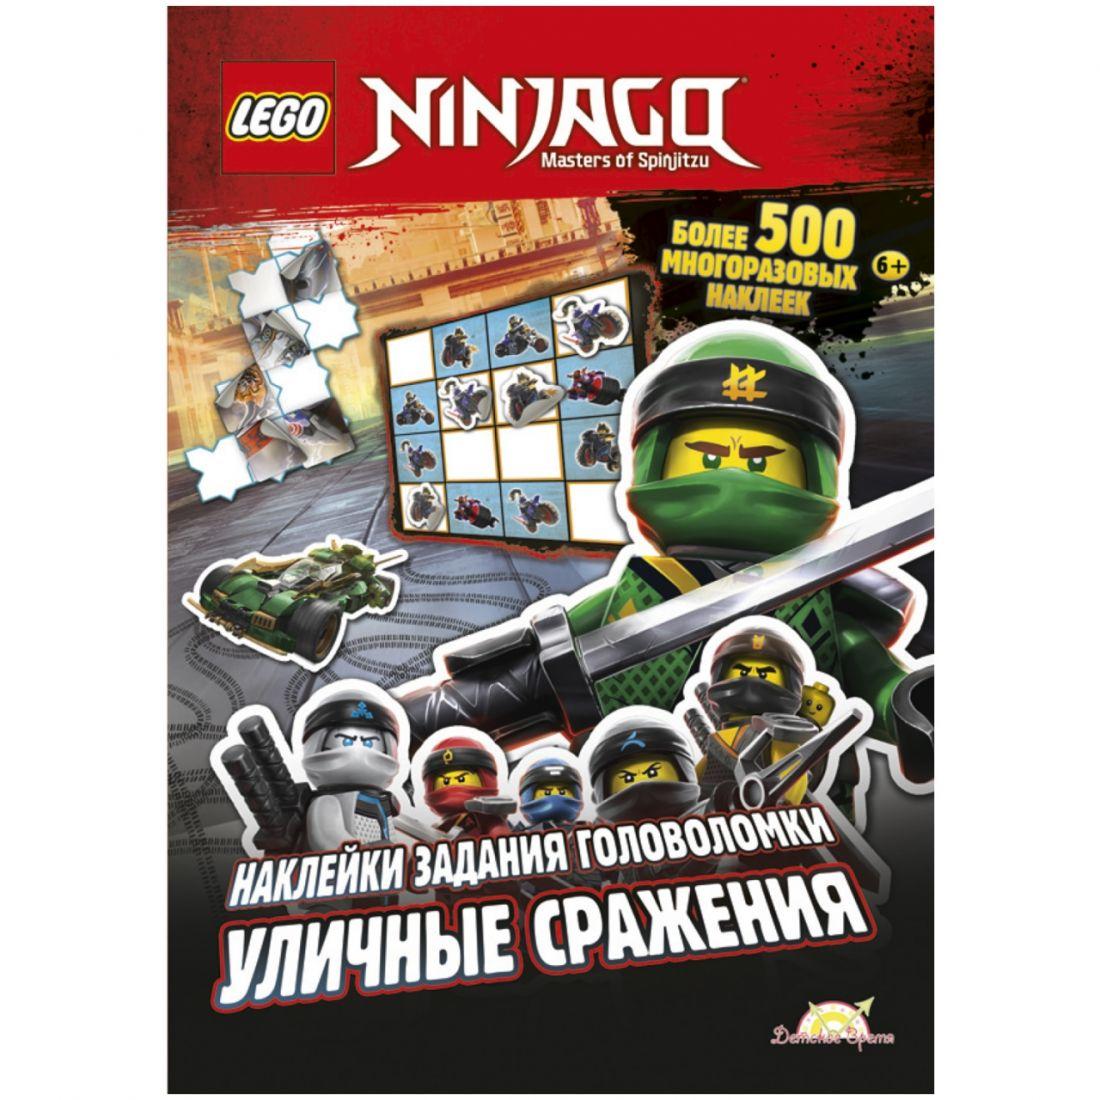 Книга LEGO SAC-701 Ninjago.Уличные сражения